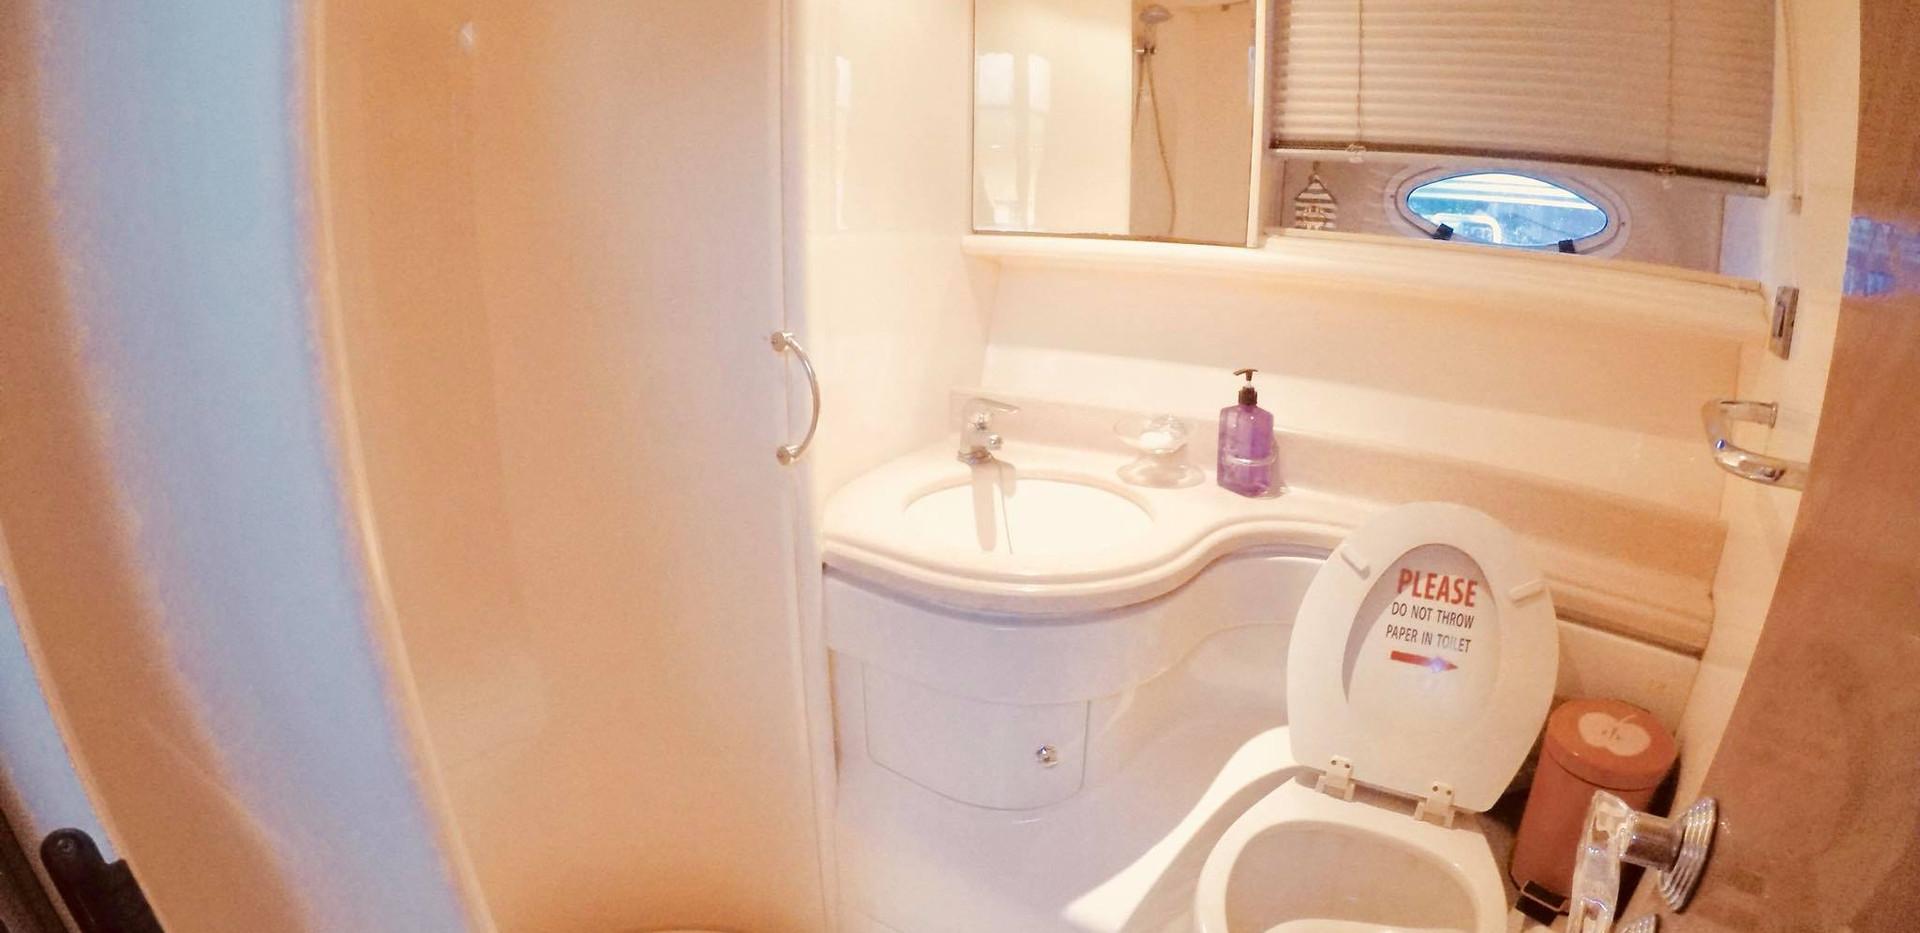 MY460 toilet.jpg